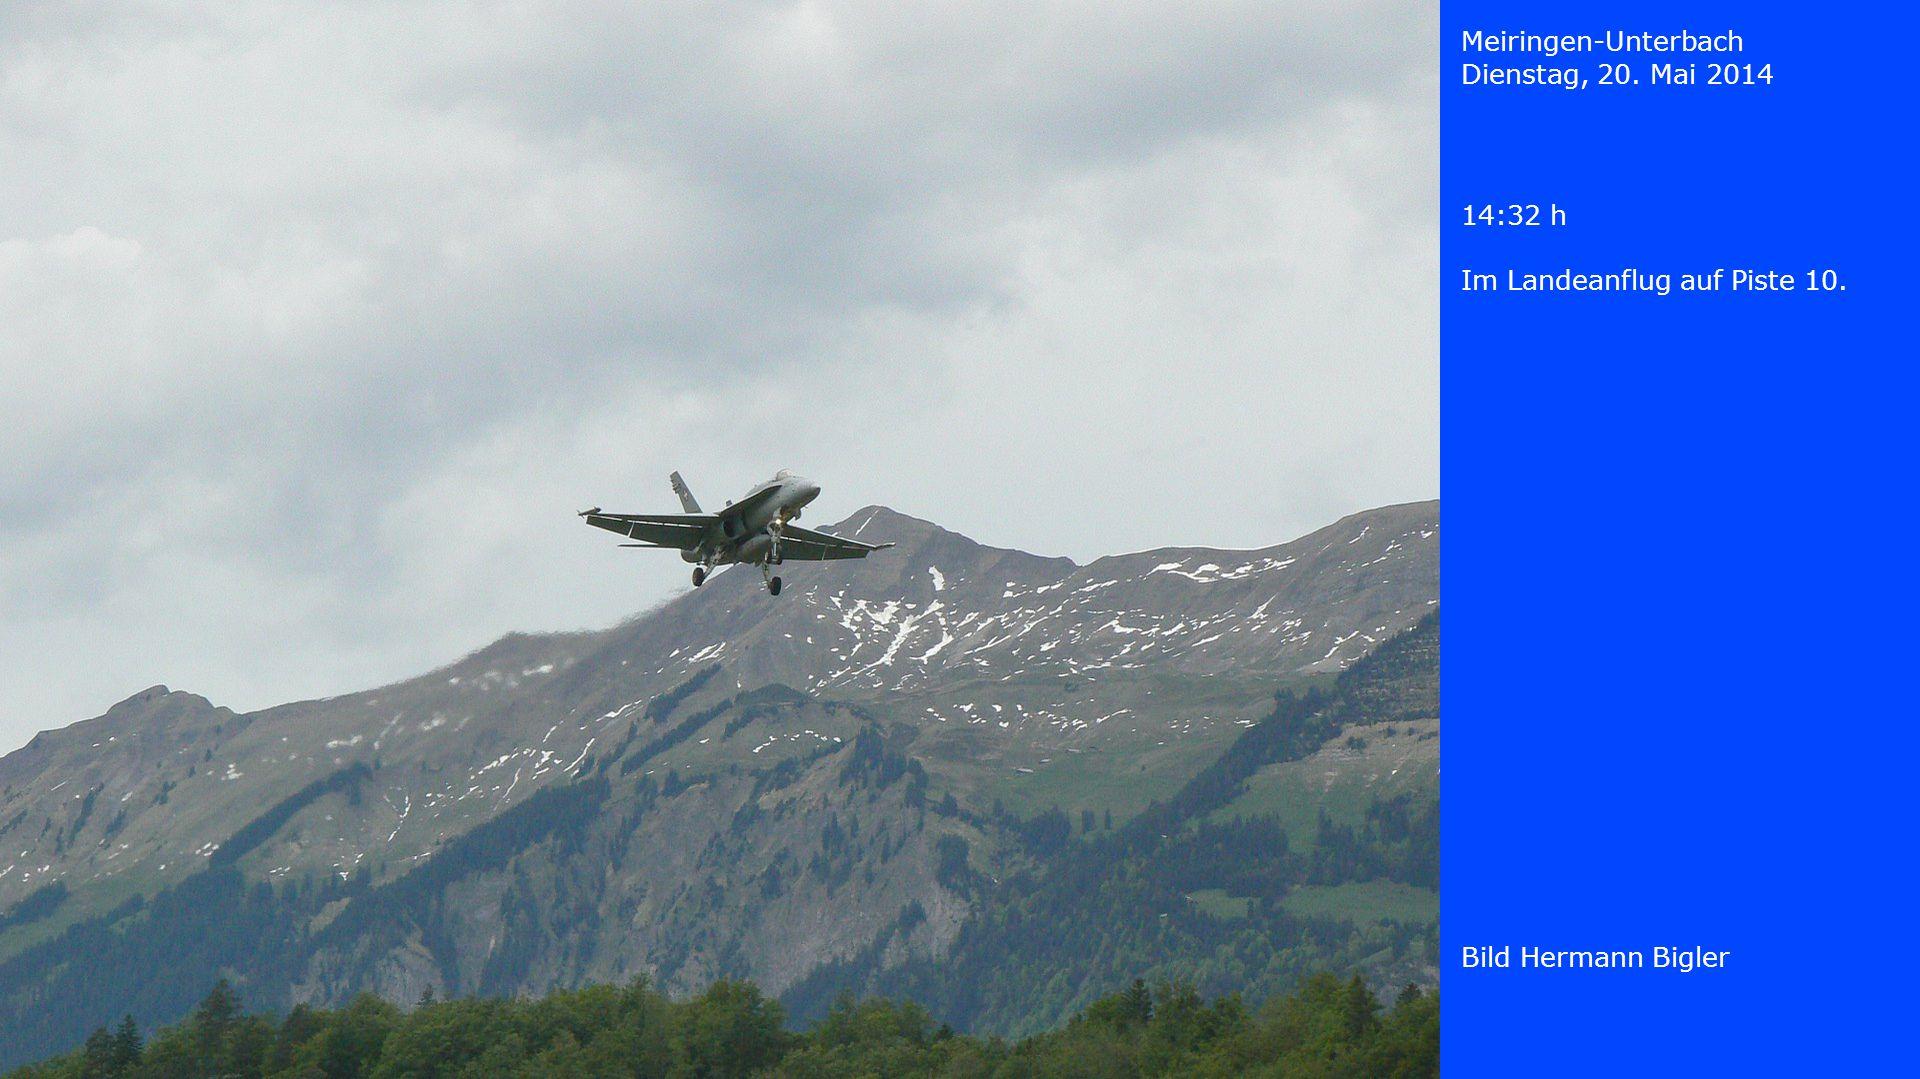 Meiringen-Unterbach Dienstag, 20. Mai 2014 Bild Hermann Bigler 14:32 h Im Landeanflug auf Piste 10.